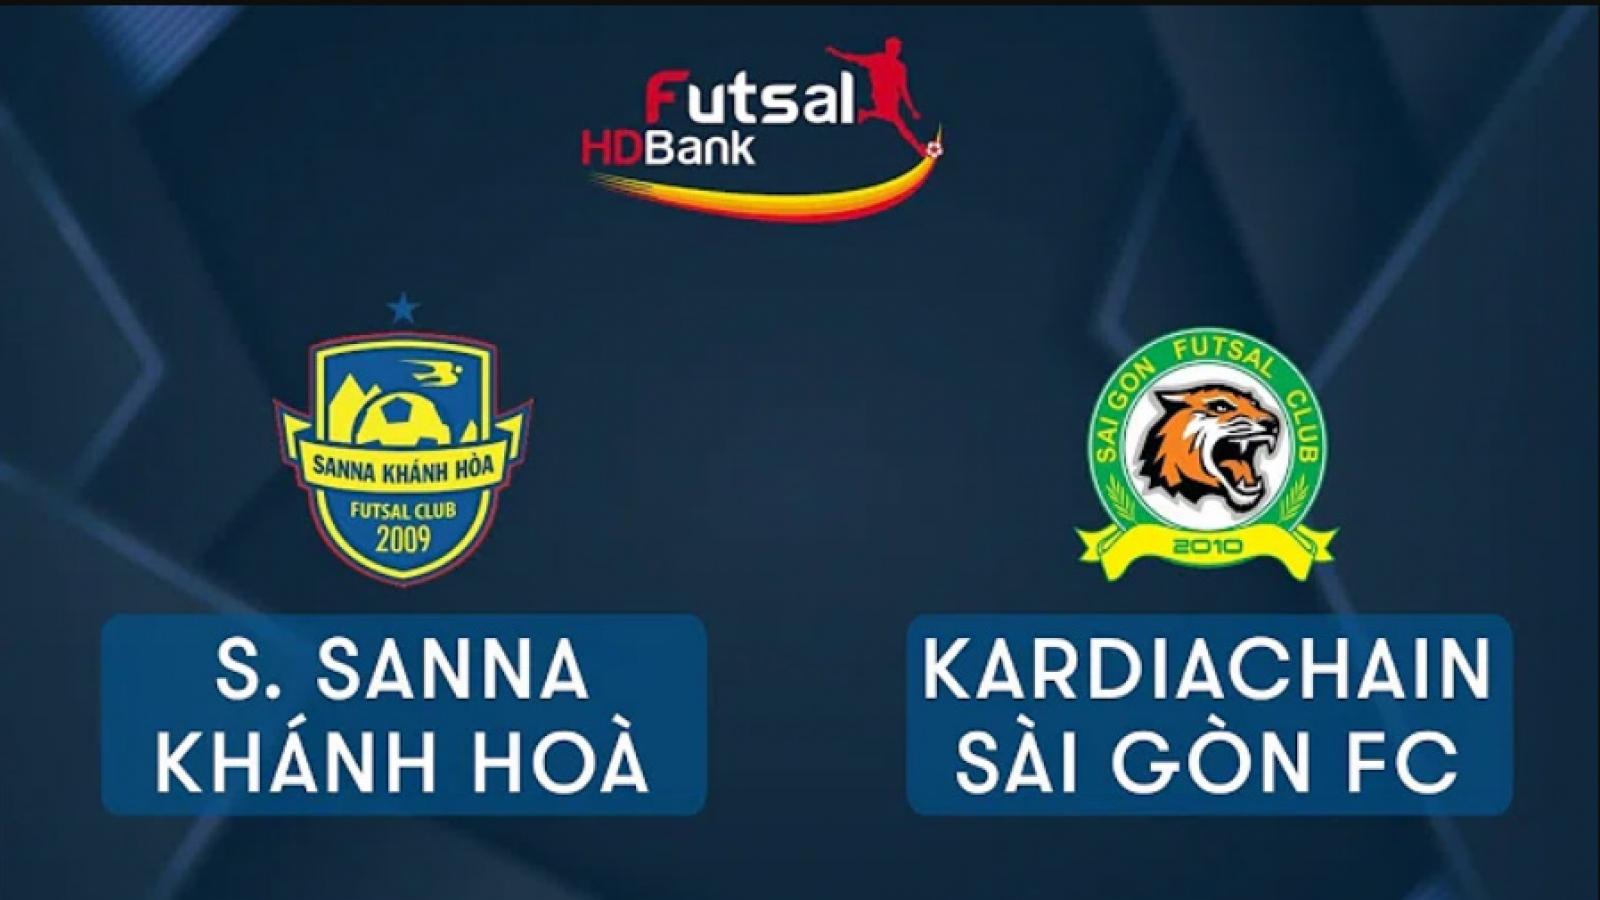 Xem trực tiếp Futsal HDBank VĐQG 2020: Sanna Khánh Hòa - Kardiachain Sài Gòn